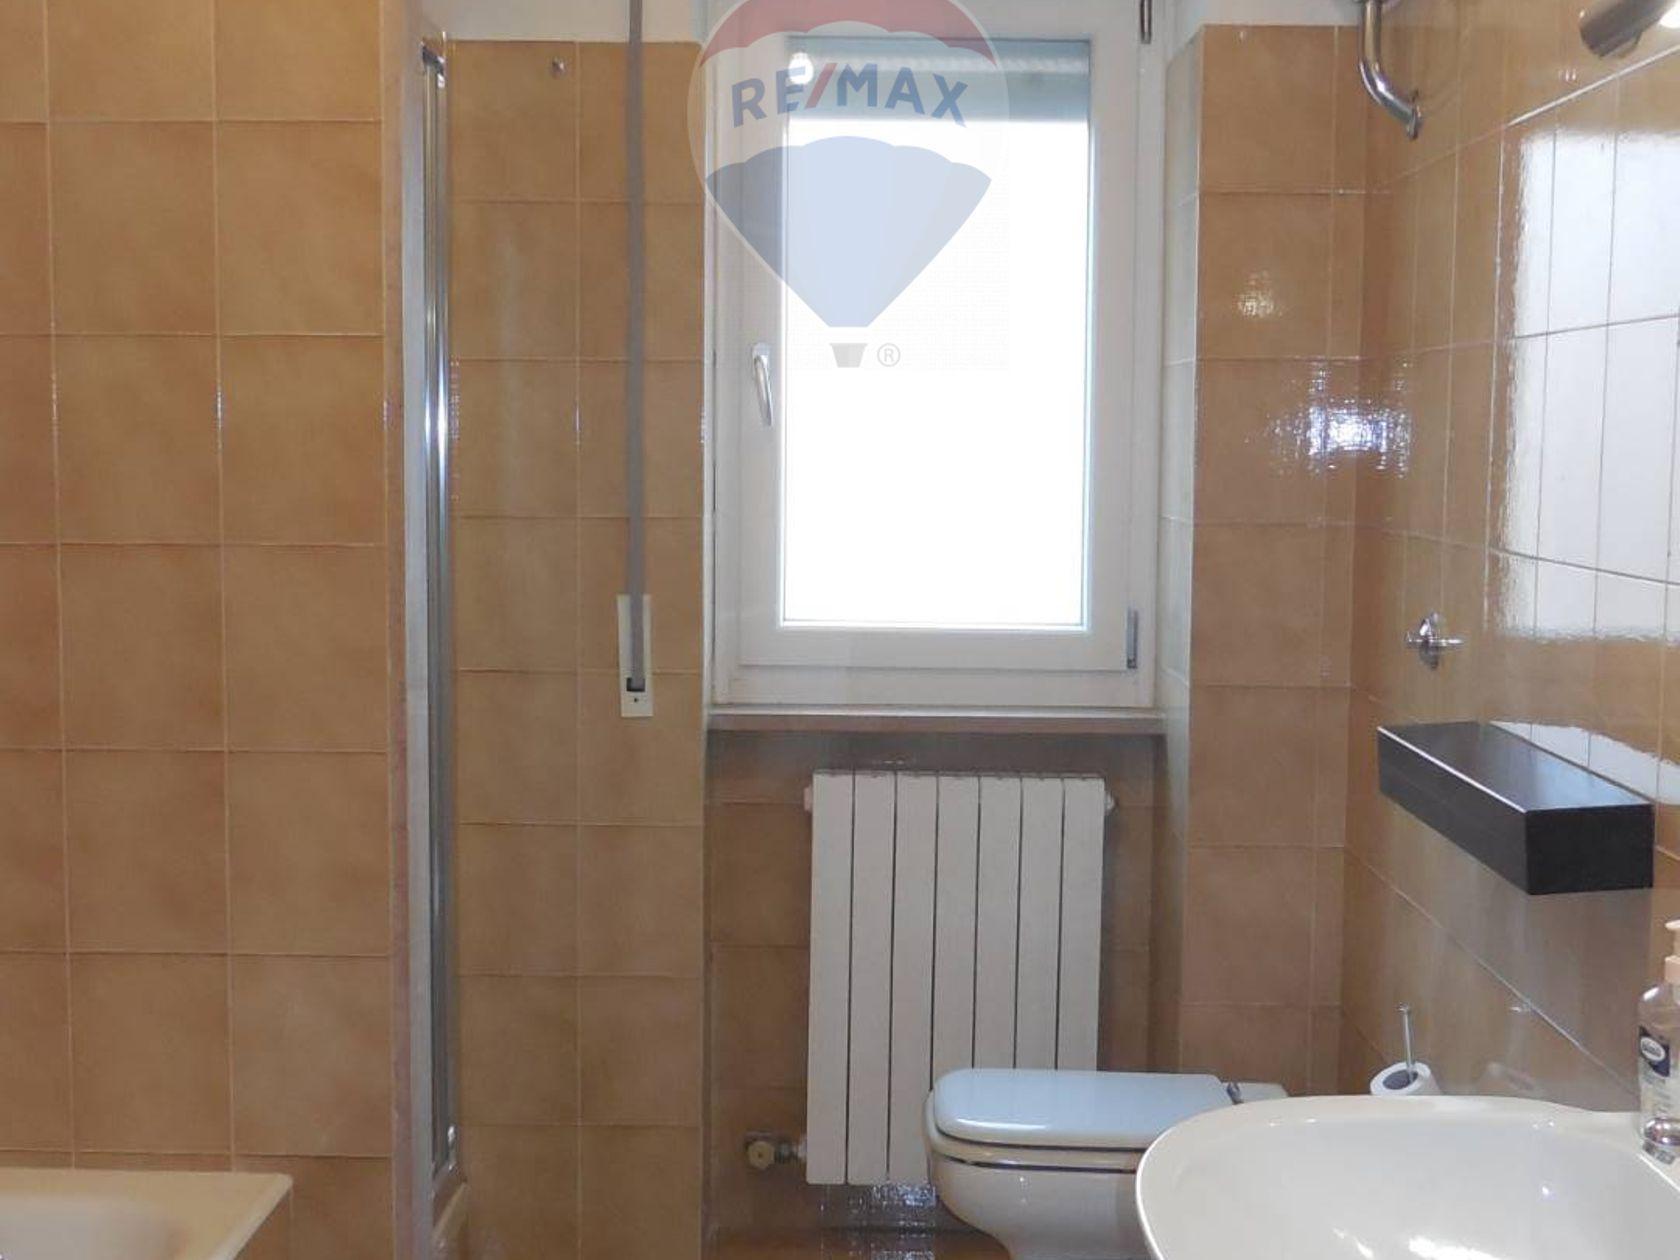 Appartamento L'Aquila, AQ Vendita - Foto 17